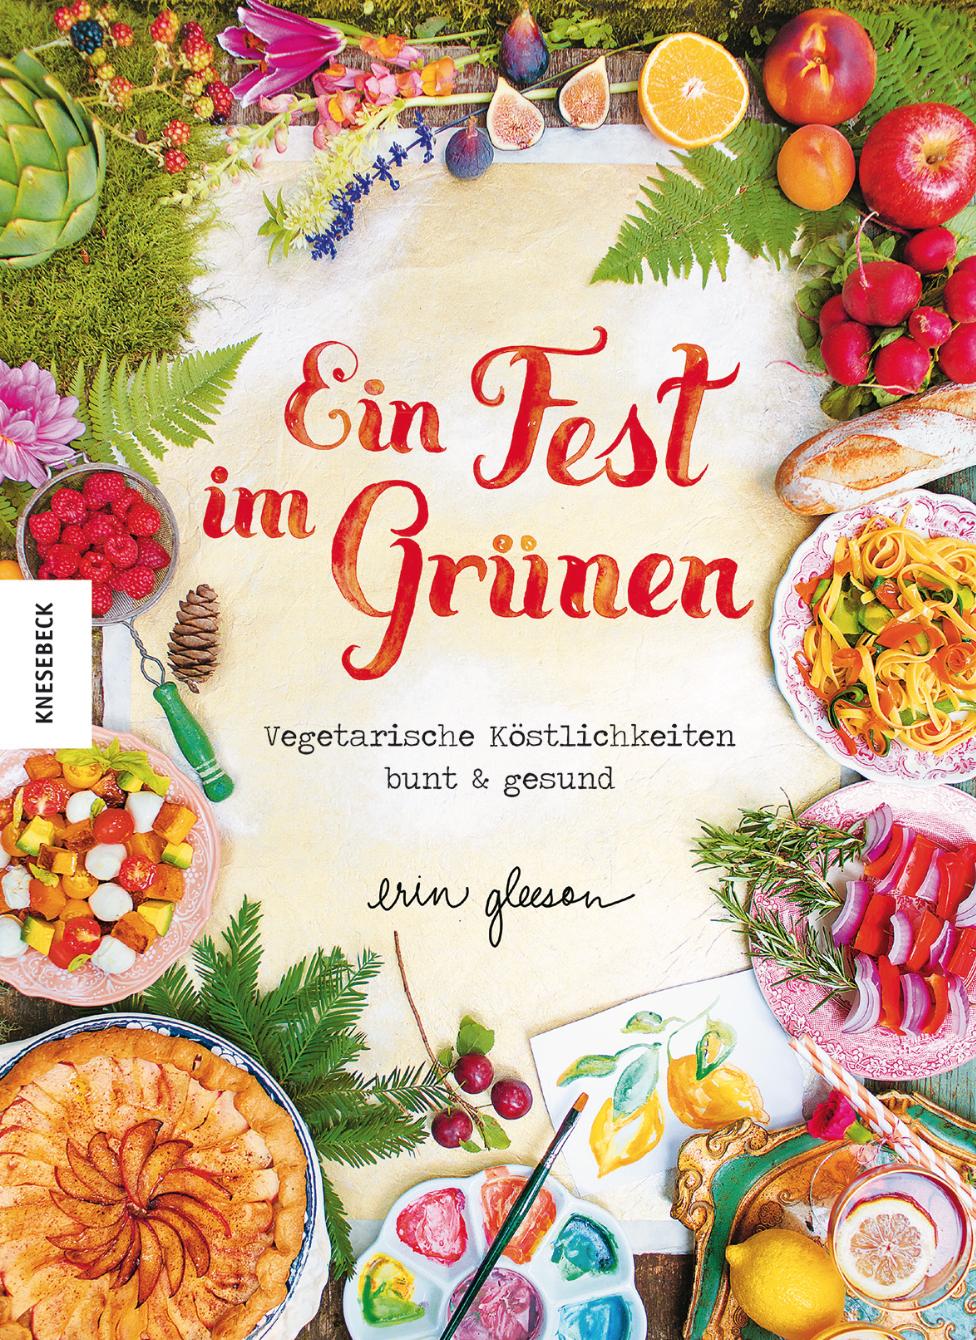 Ein_Fest_im_Gruenen_2